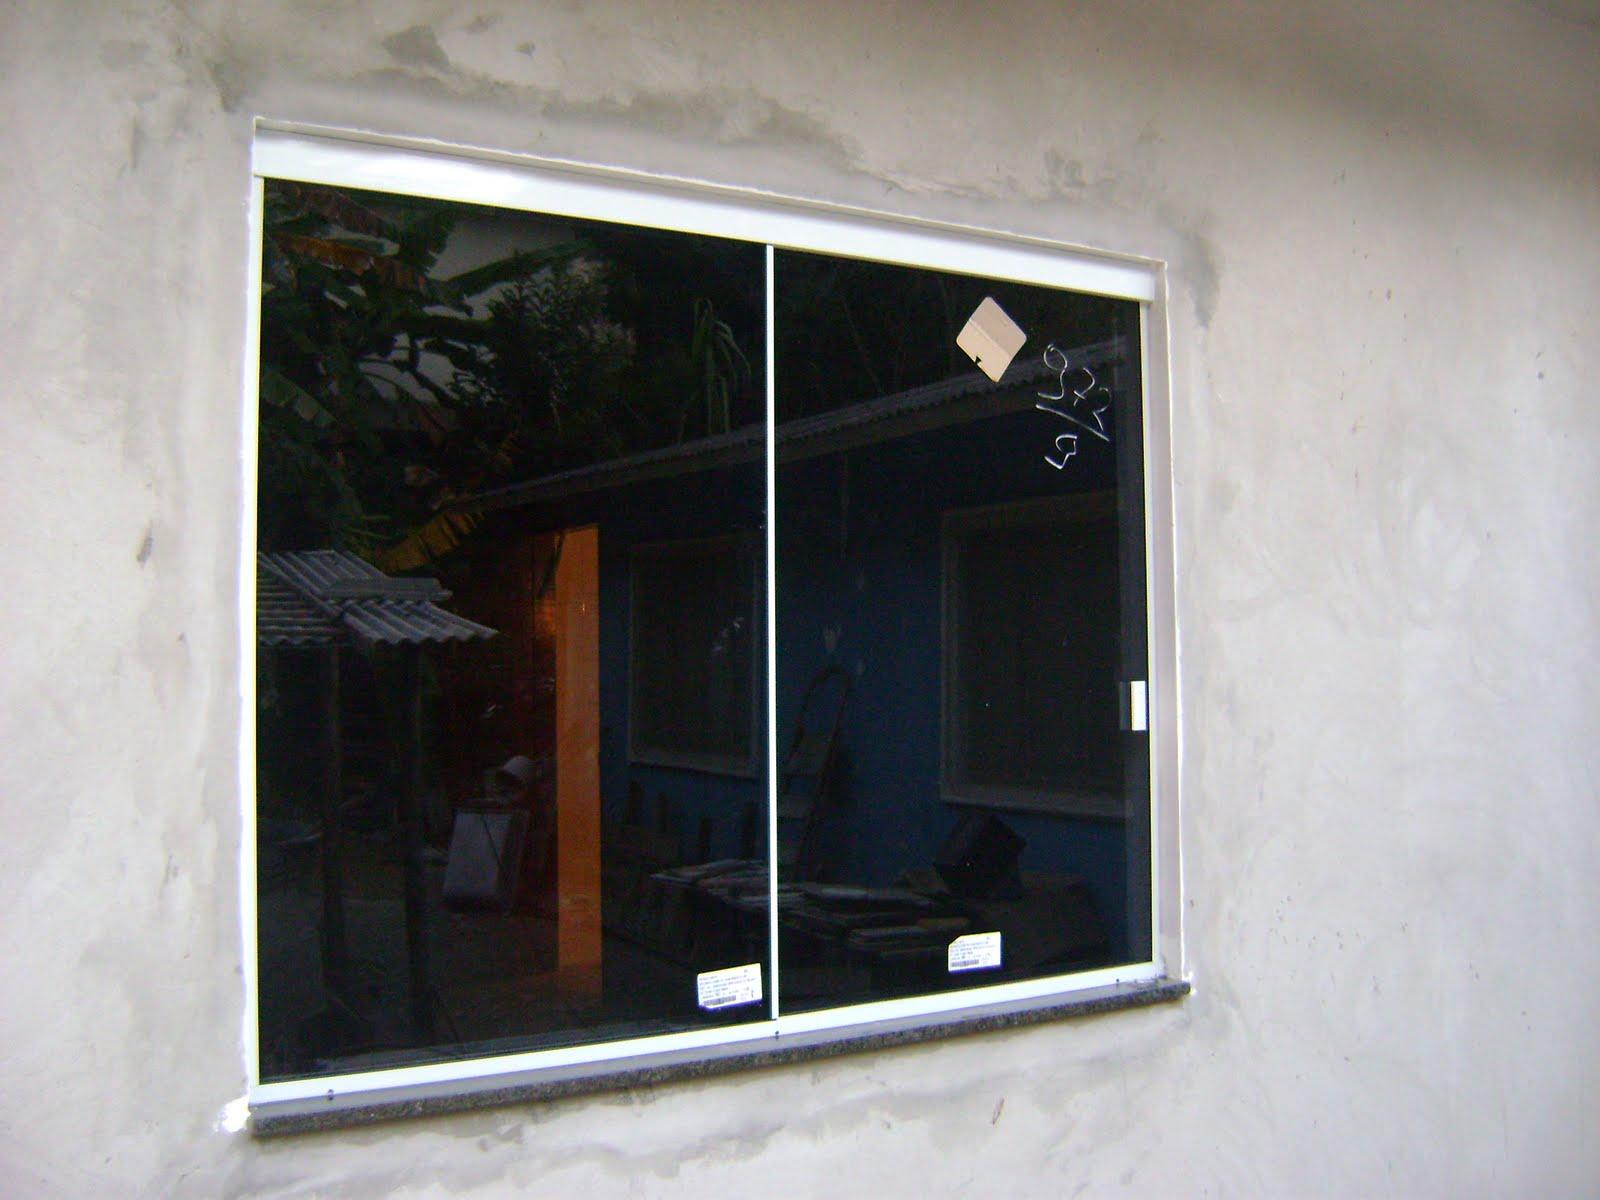 #5E3118  SERRALHERIA: Janela correr 2 folhas vidro fumê aluminio fosco 250 Janelas De Vidro Pra Sala